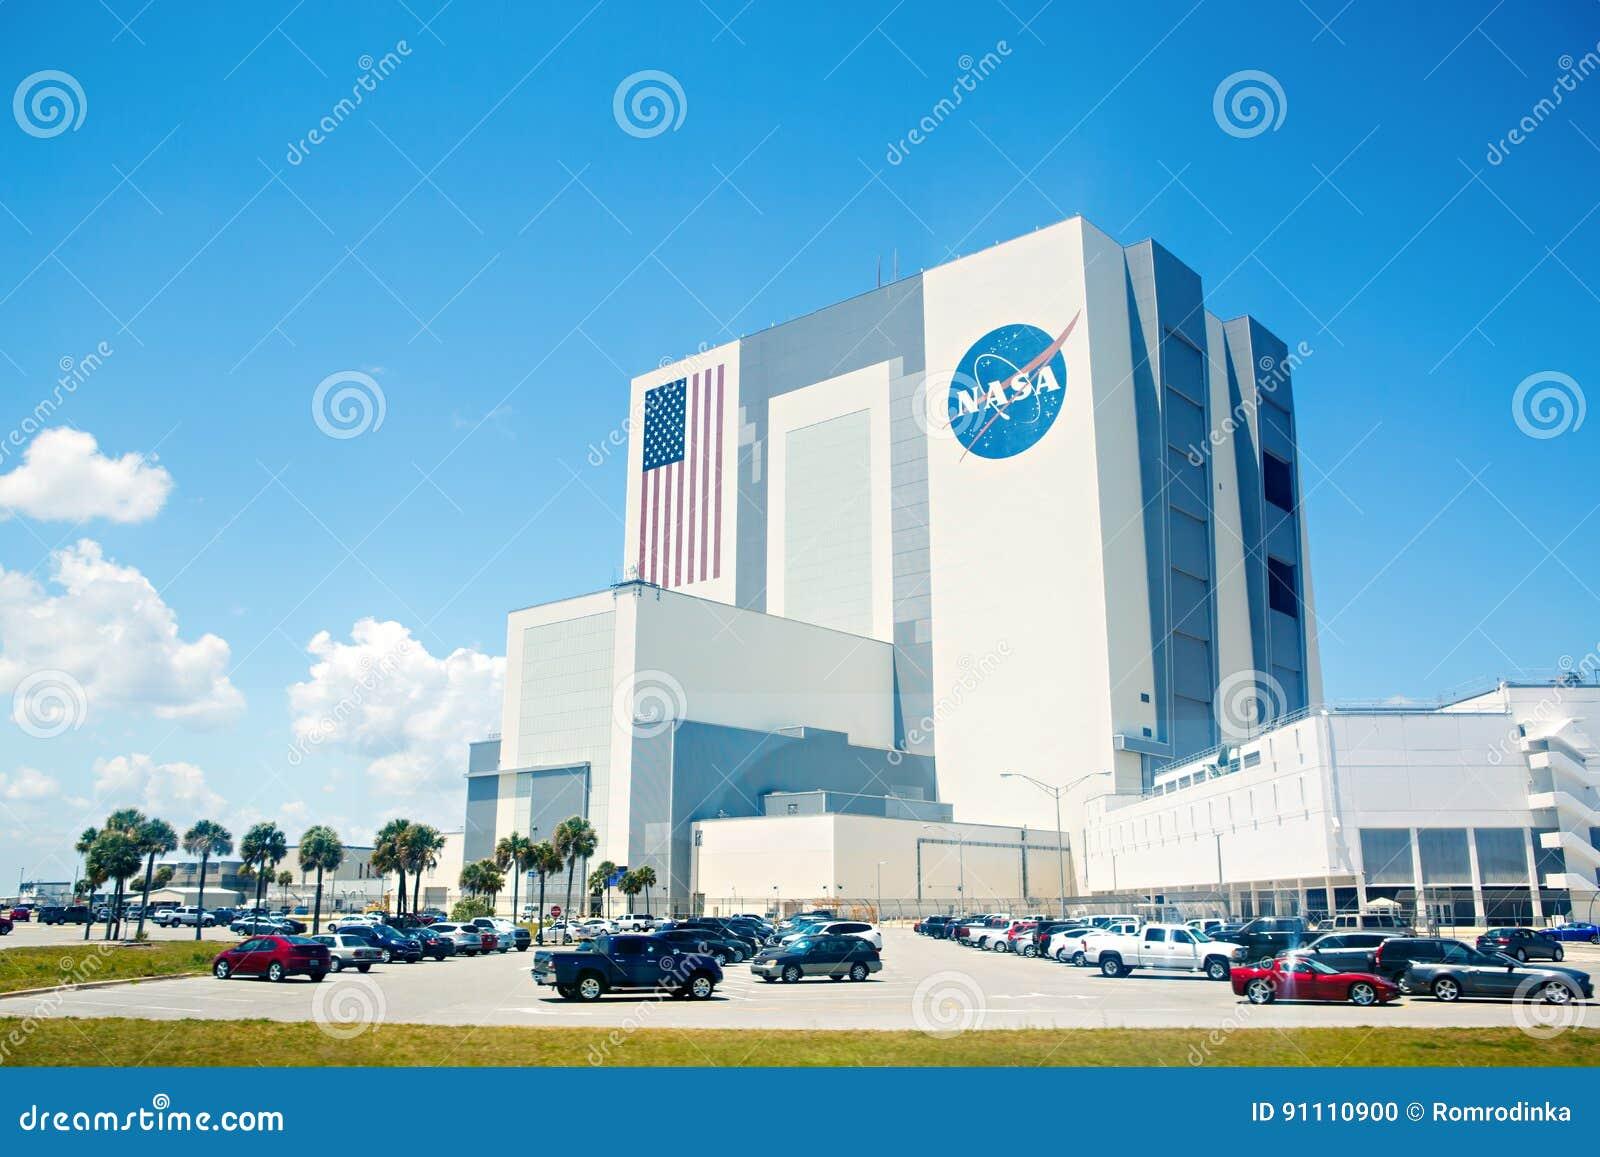 CENTRO ESPACIAL KENNEDY, FLORIDA, EUA - 21 DE ABRIL DE 2016: Construção da NASA